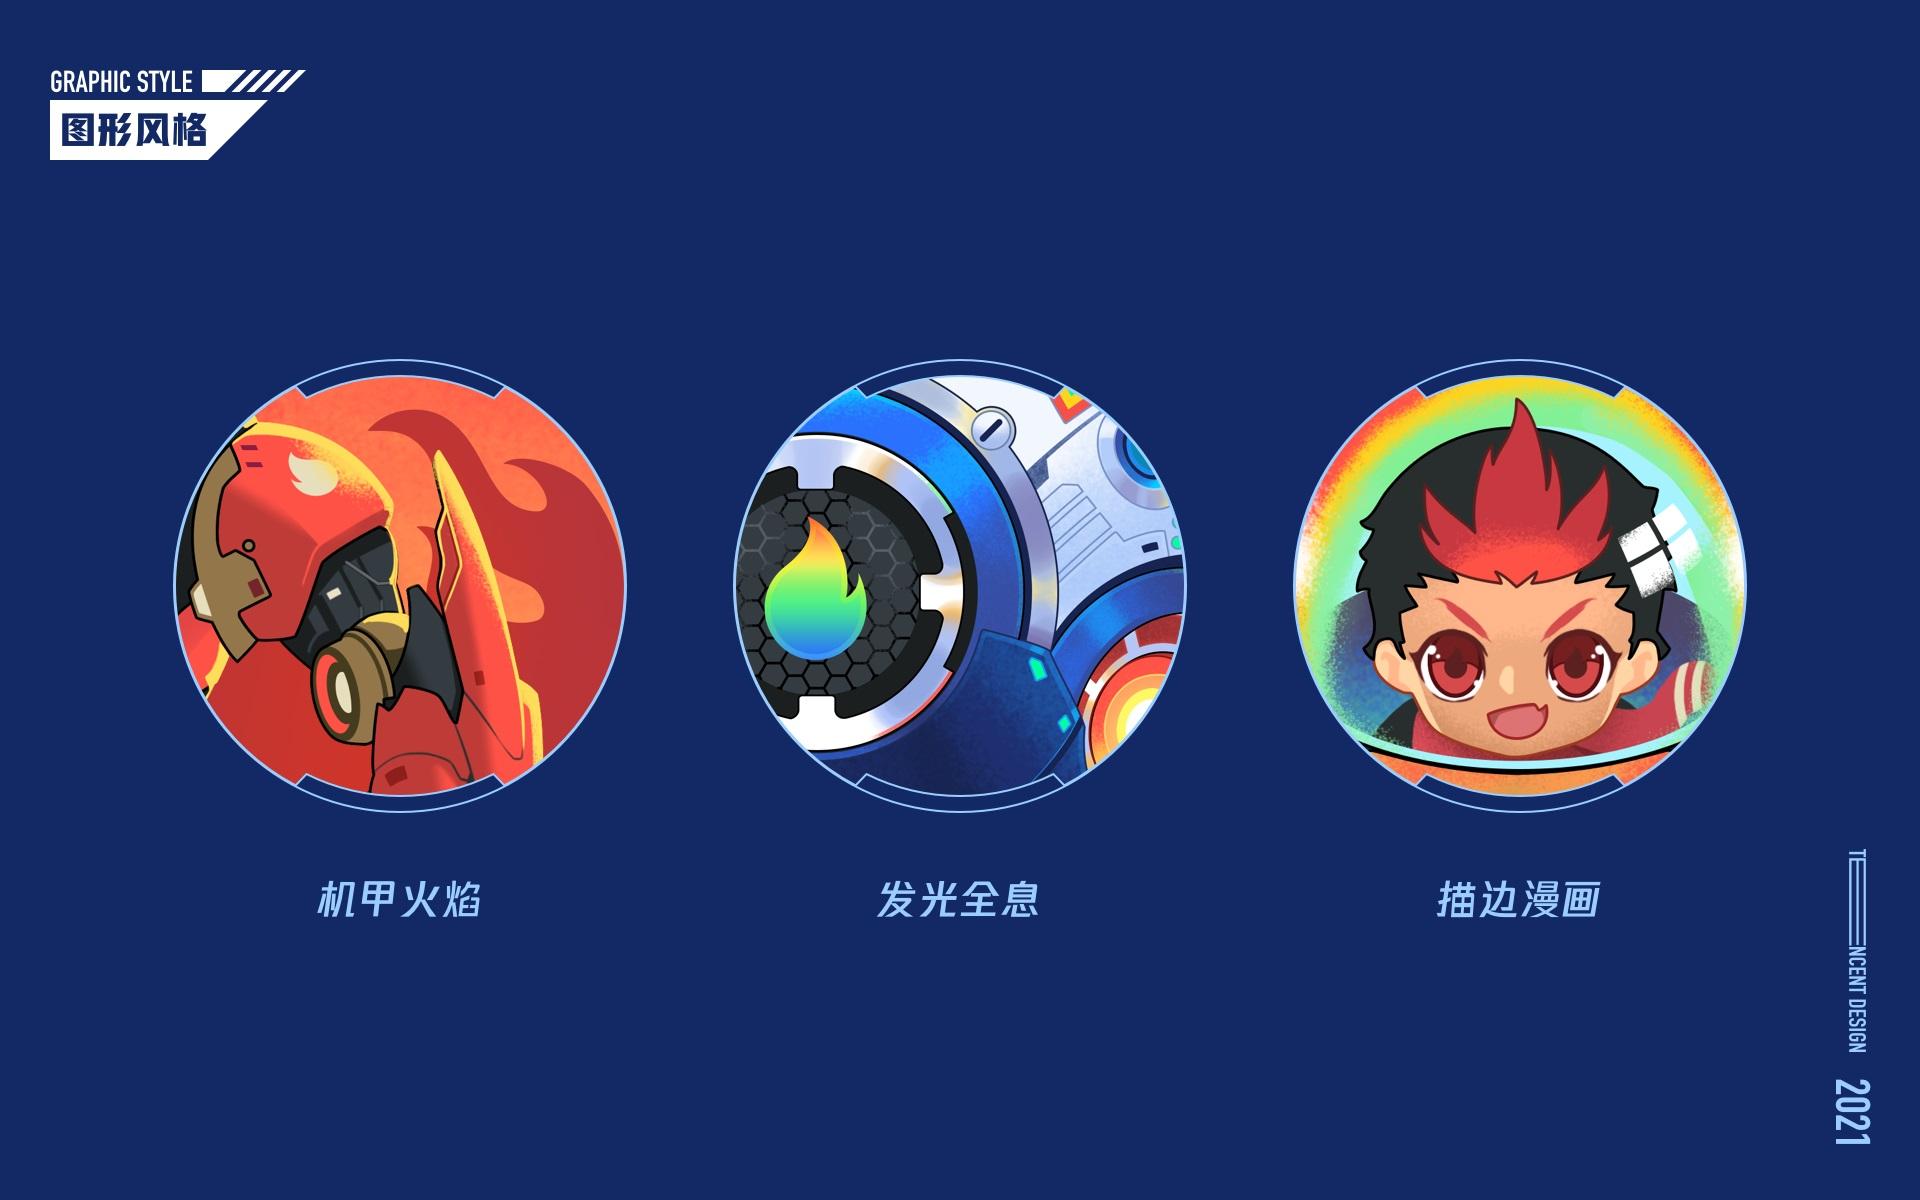 腾讯实战案例!QQ 会员20周年超燃盛典品牌设计复盘